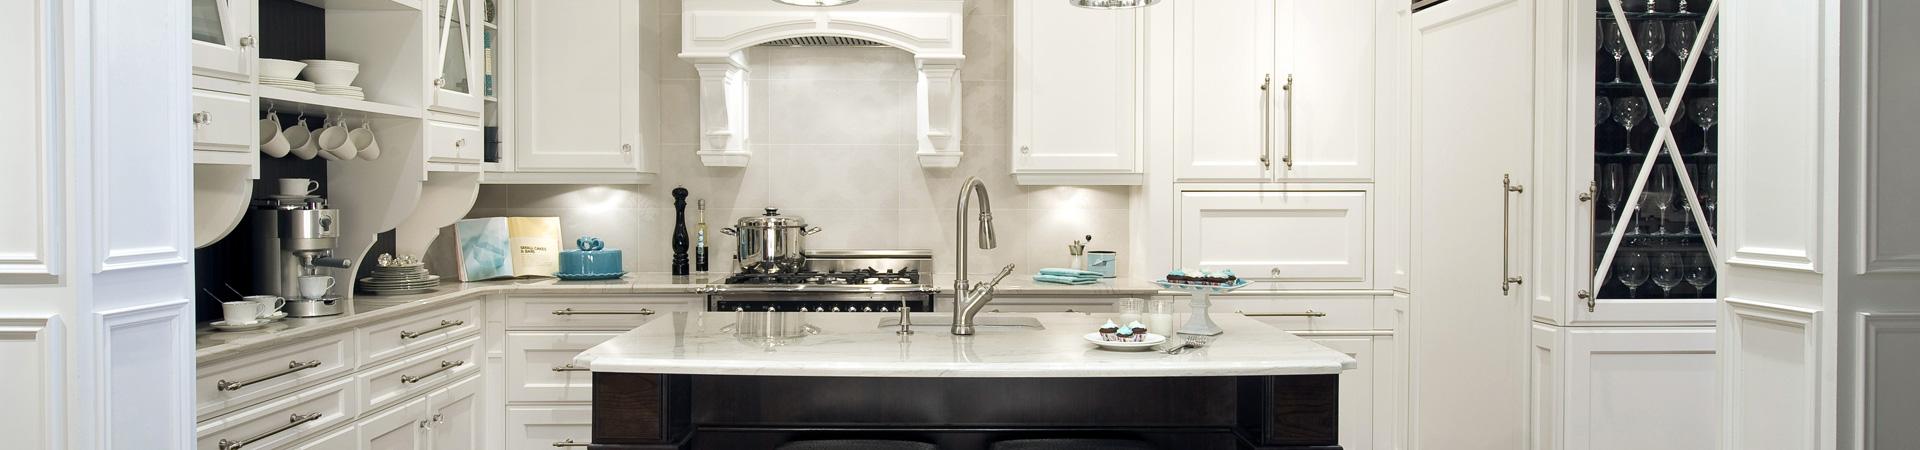 آشپزخانه ای مدرن